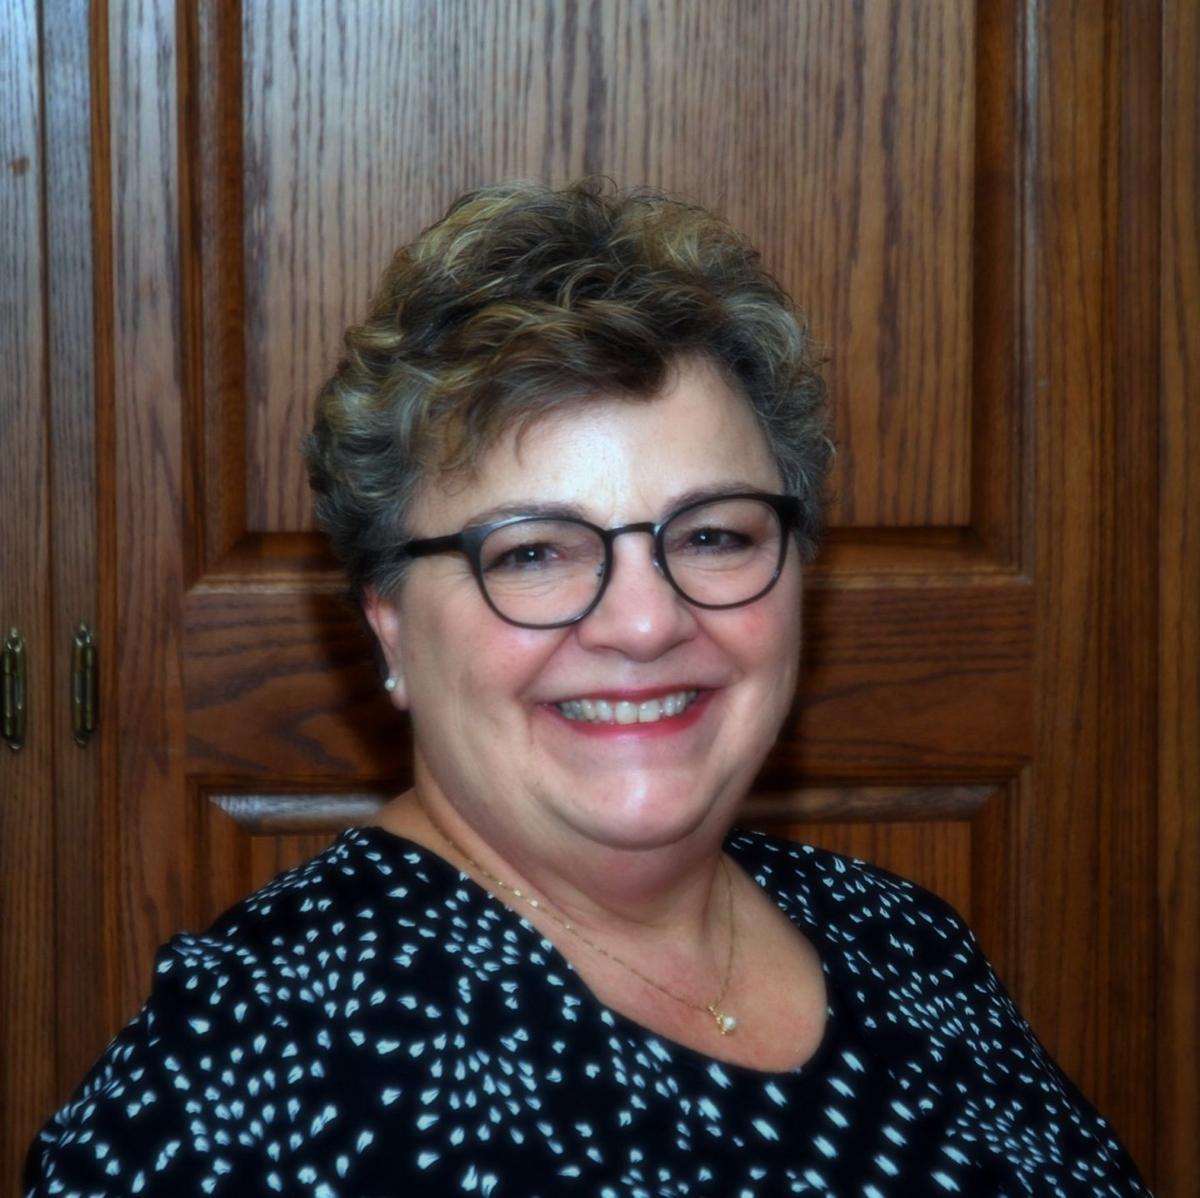 Karin Krause